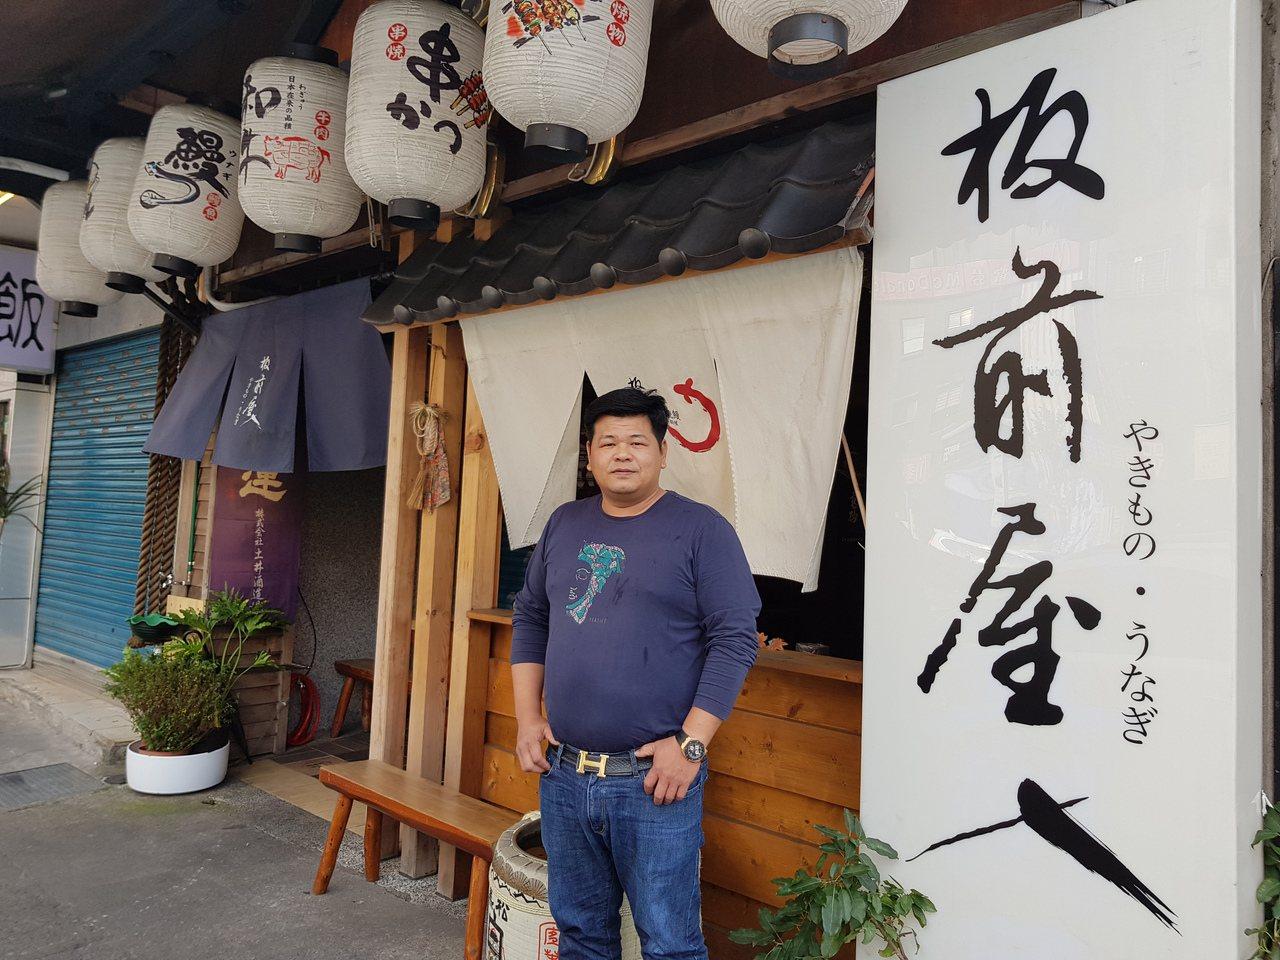 43歲楊承樺是雲林北港人,12歲獨自北漂學做鐵工、求學,退伍後轉戰餐飲,擺路邊攤...